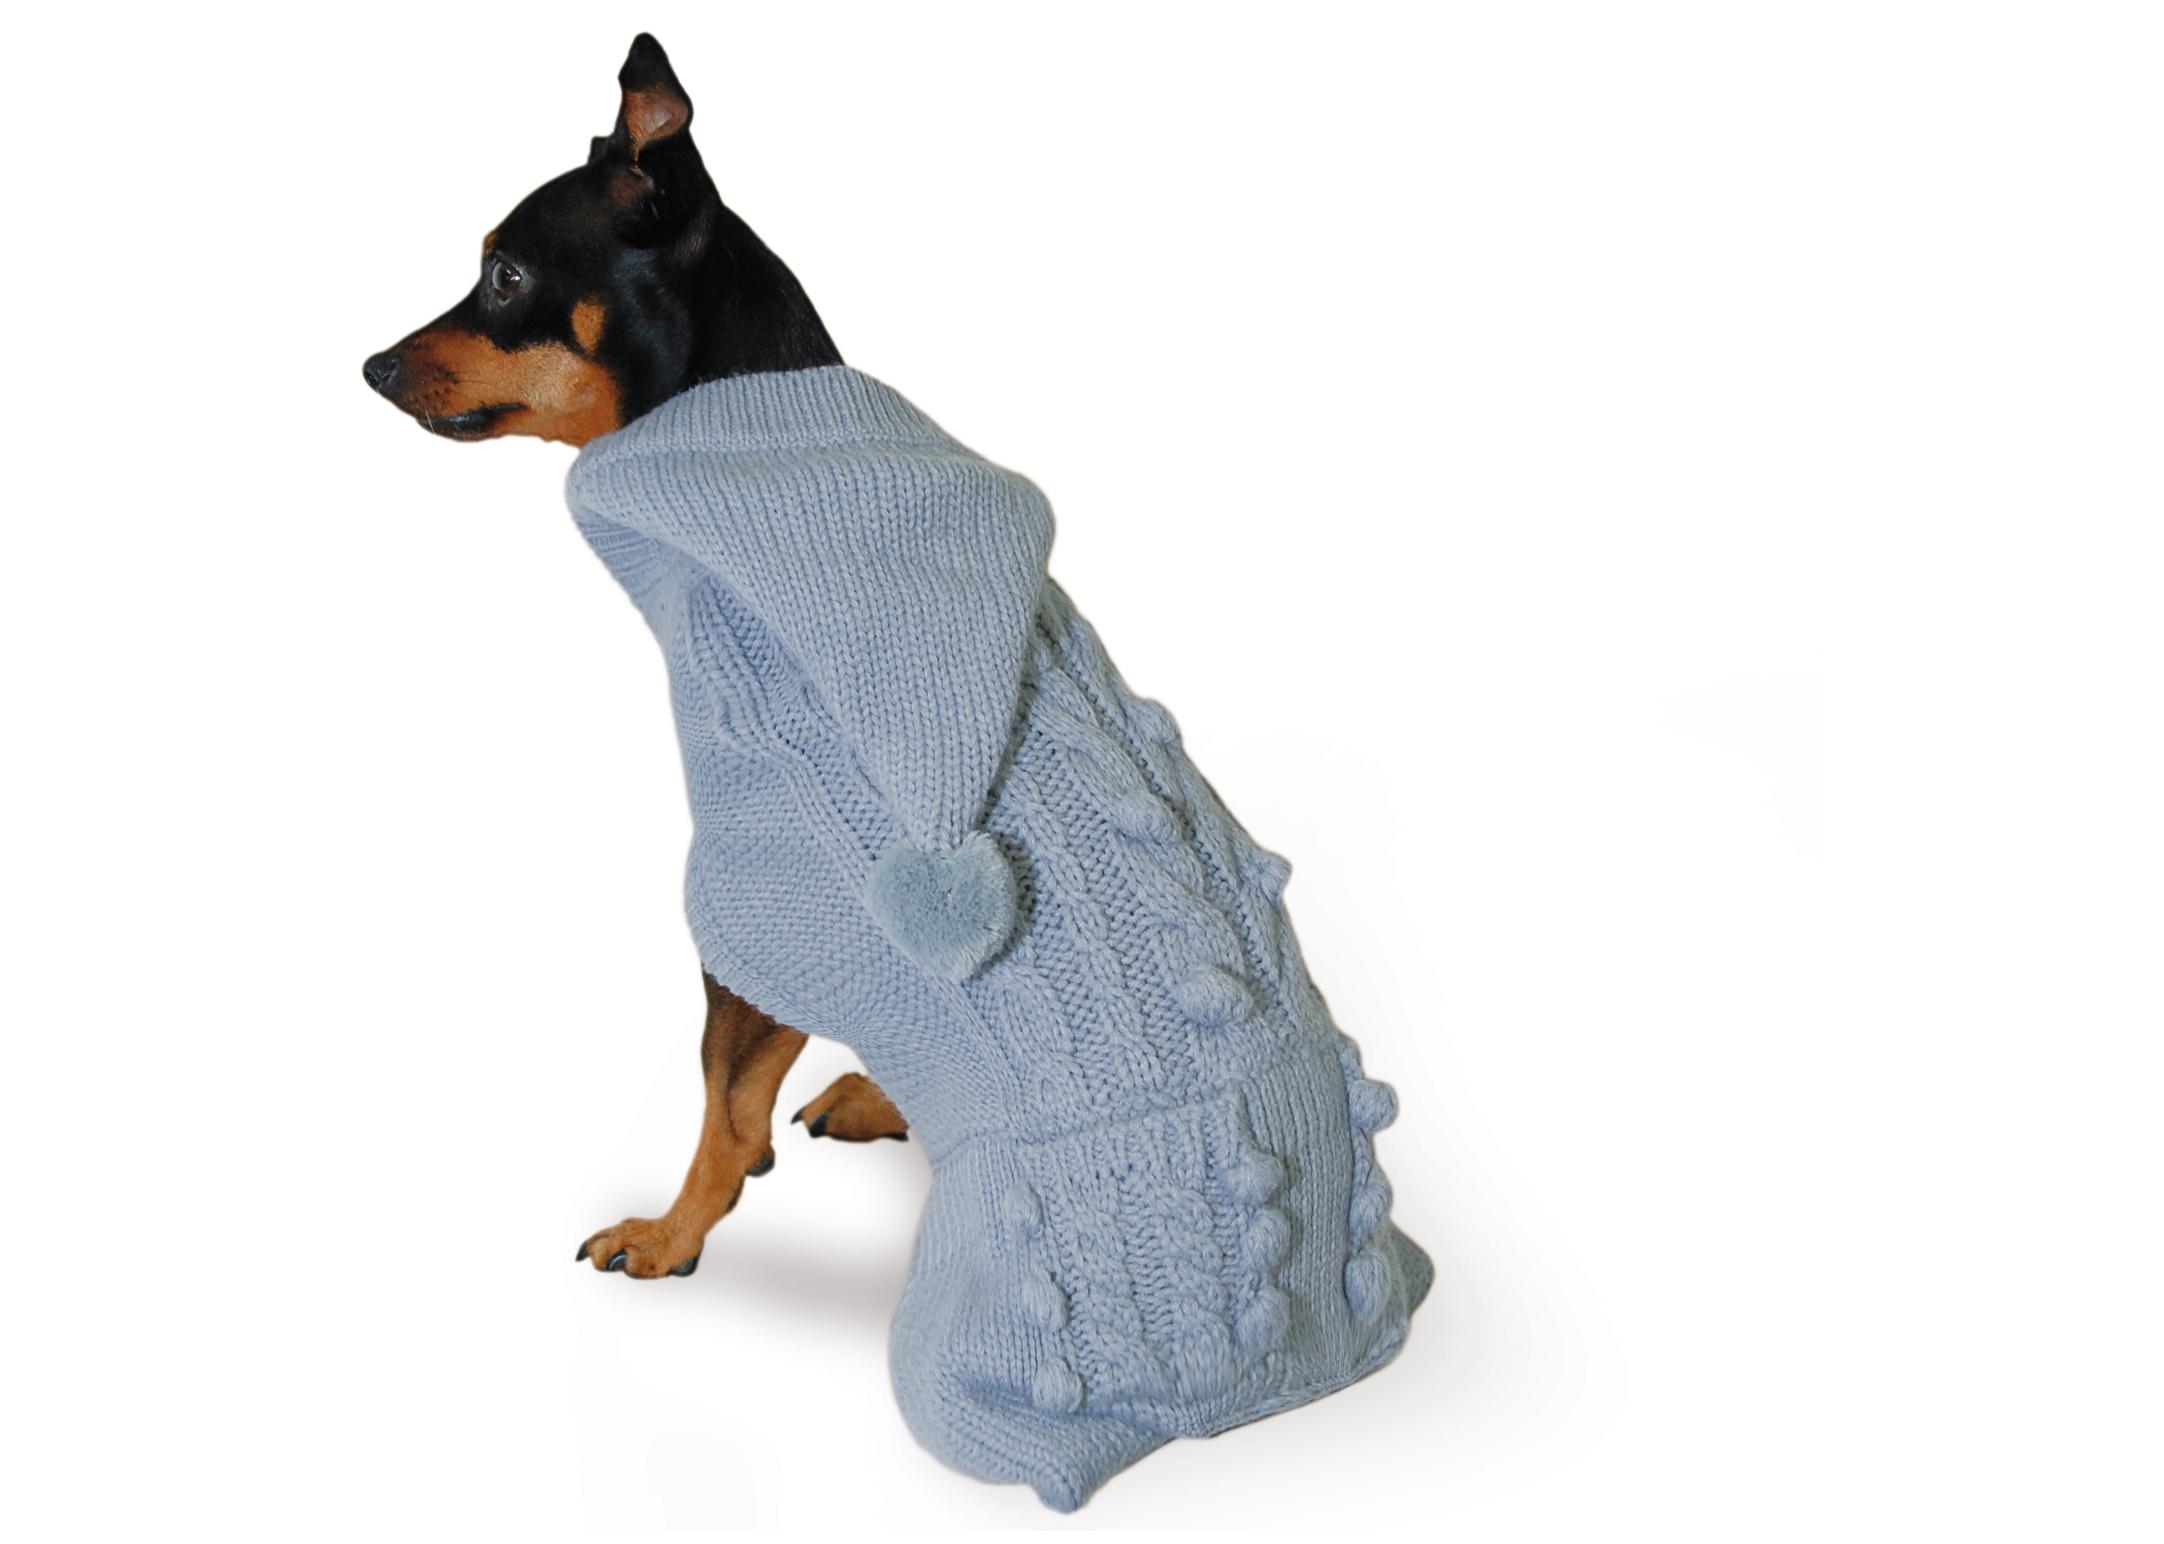 Max+Co Pom-Pom Grey Attire For Dogs